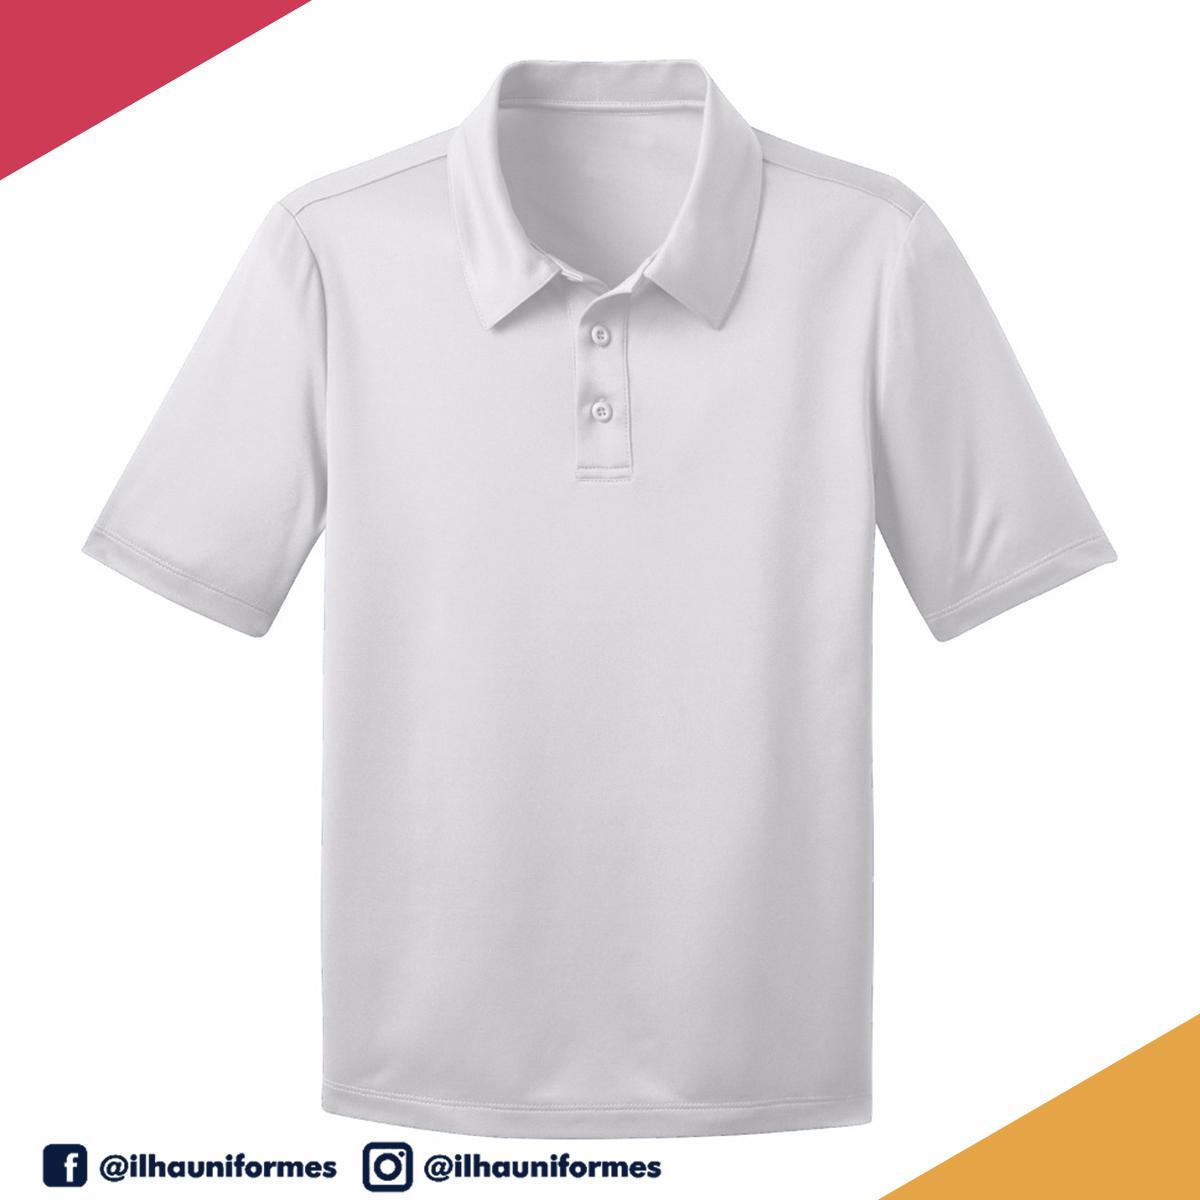 21e19258a1 Camisa Gola Polo Pique – Ilha Uniformes